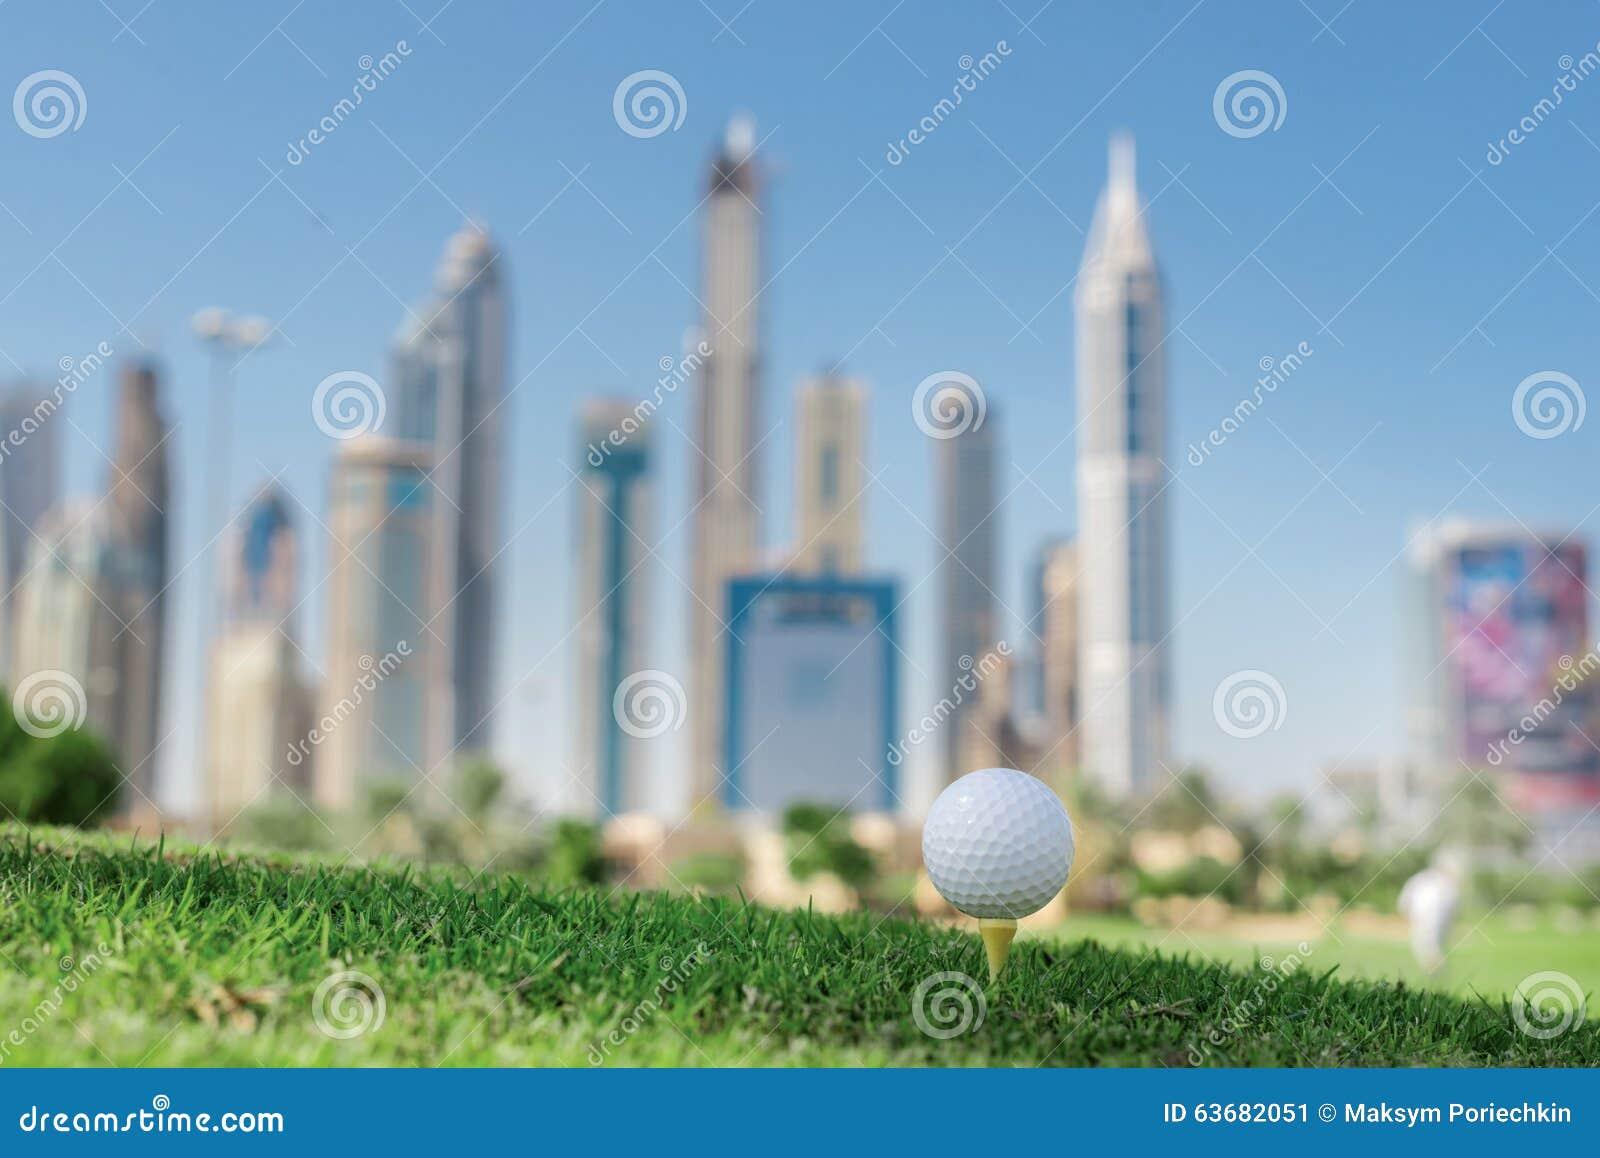 Самый лучший день для играть в гольф Шар для игры в гольф на тройнике для bal гольфа